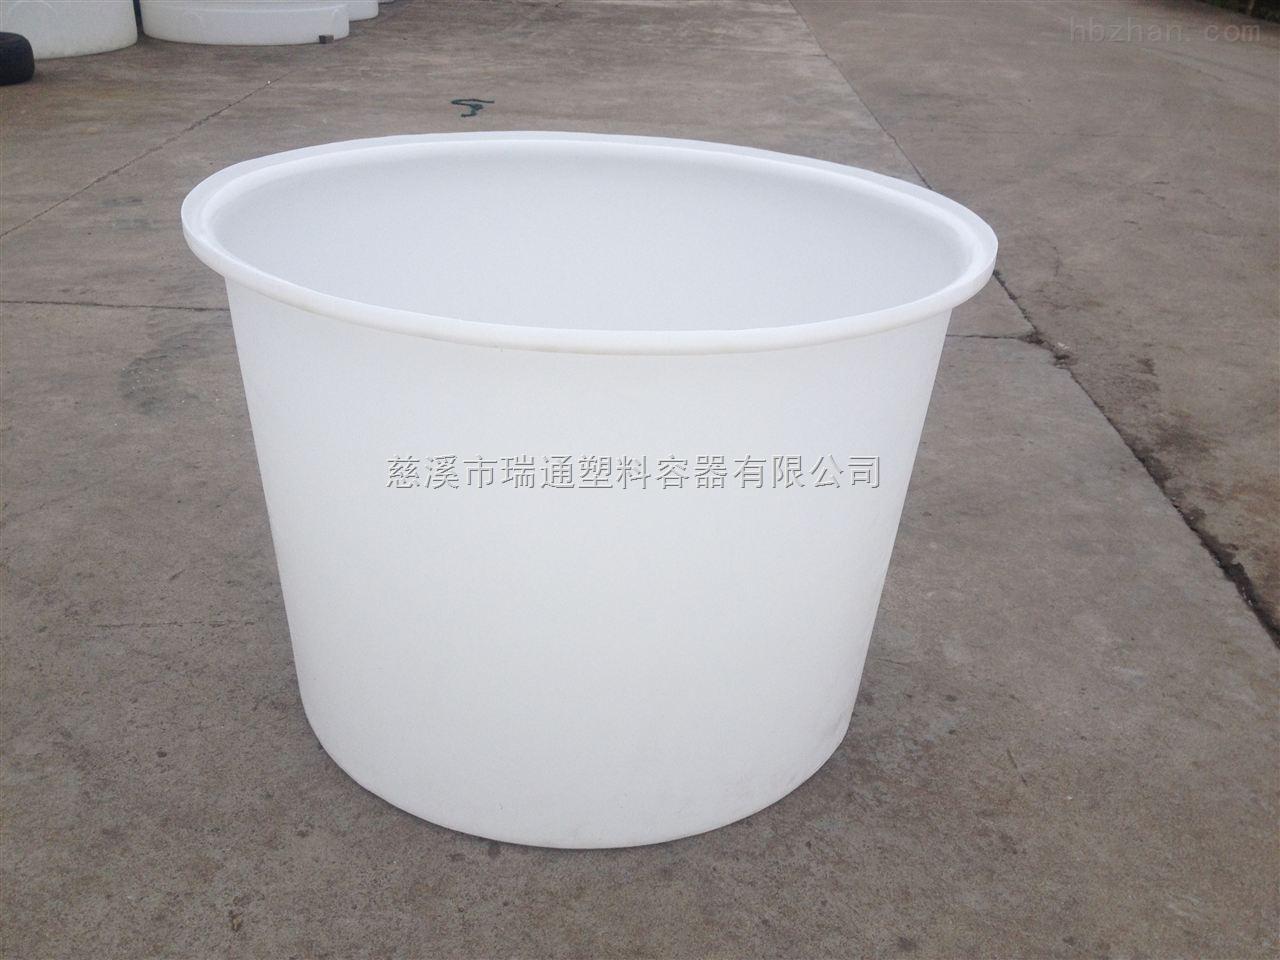 食品级塑料腌制桶厂家直销